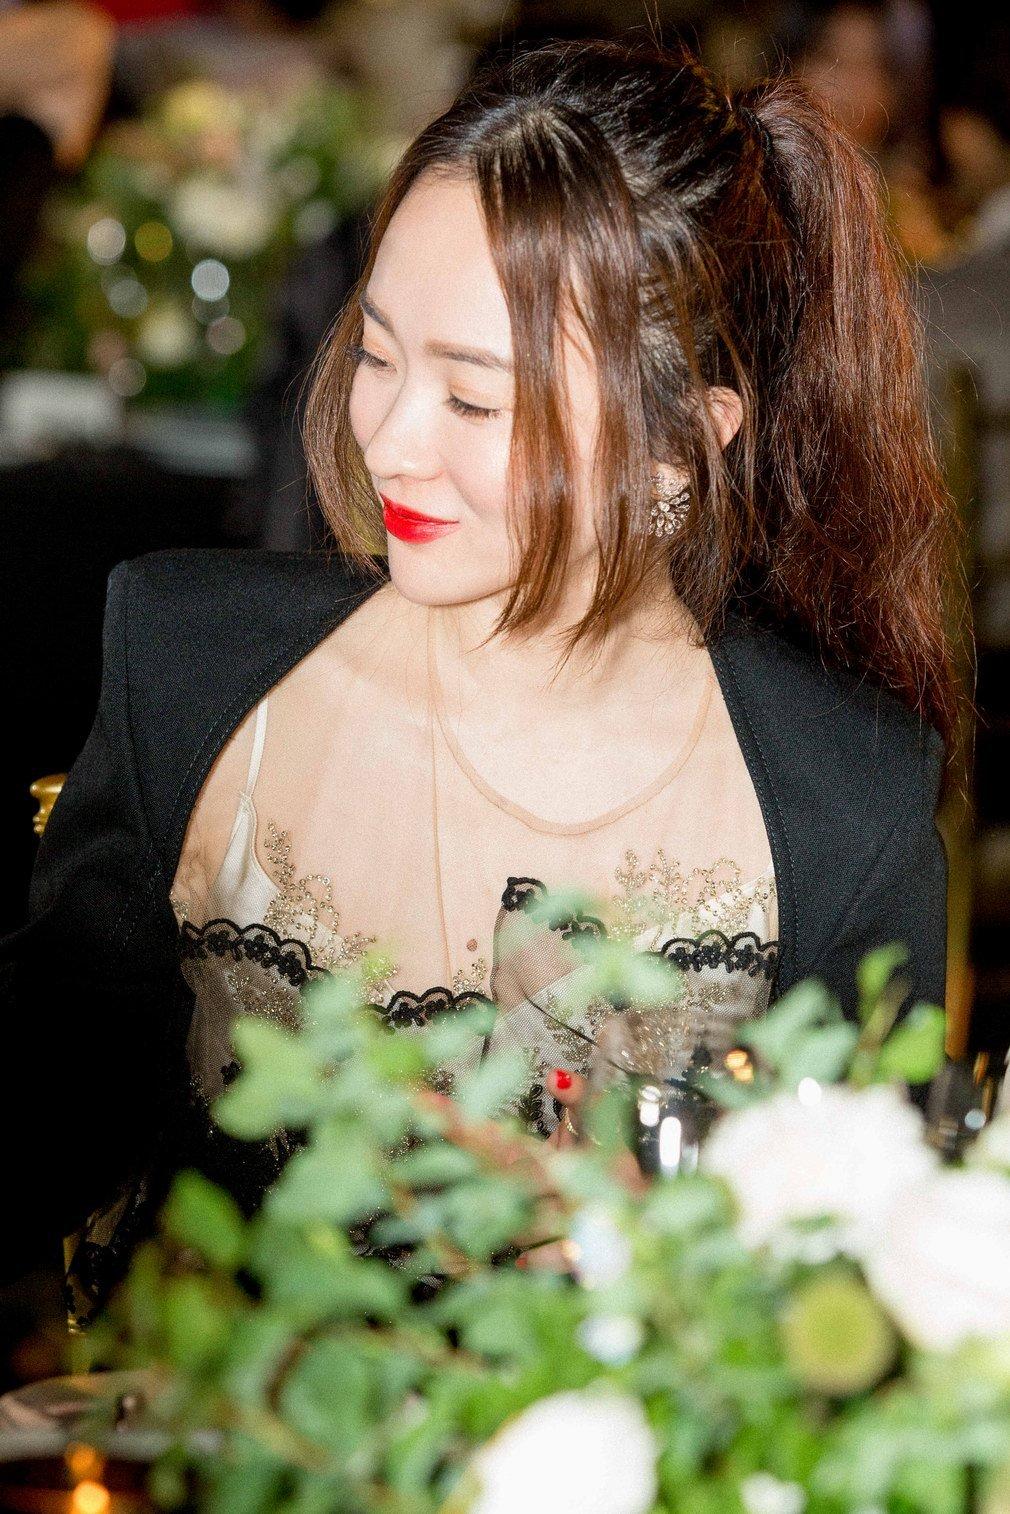 霍思燕身穿Stella McCartney成衣、佩戴妮华莫迪珠宝出席北京「华生早秋之夜」晚宴